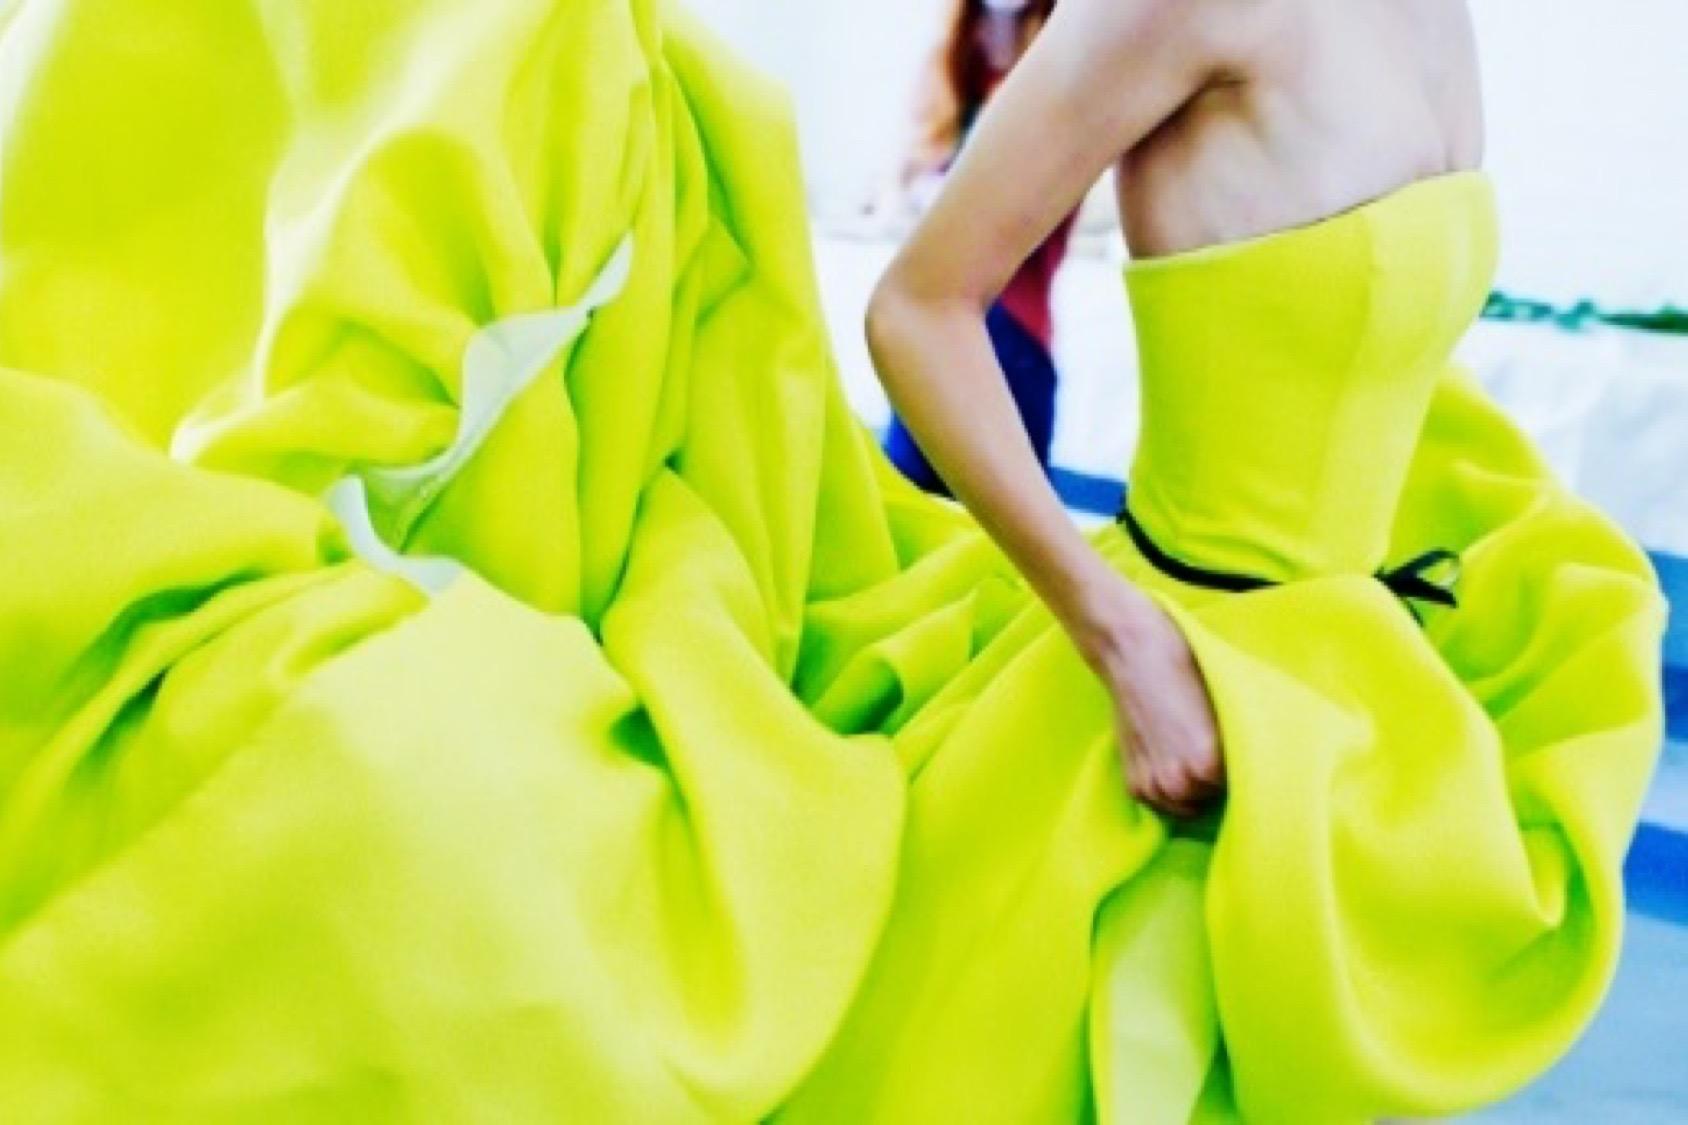 【华丽投资谈】独家专访Jason Wu的投资方InterLuxe CEO:为什么我们专注投资时尚品牌